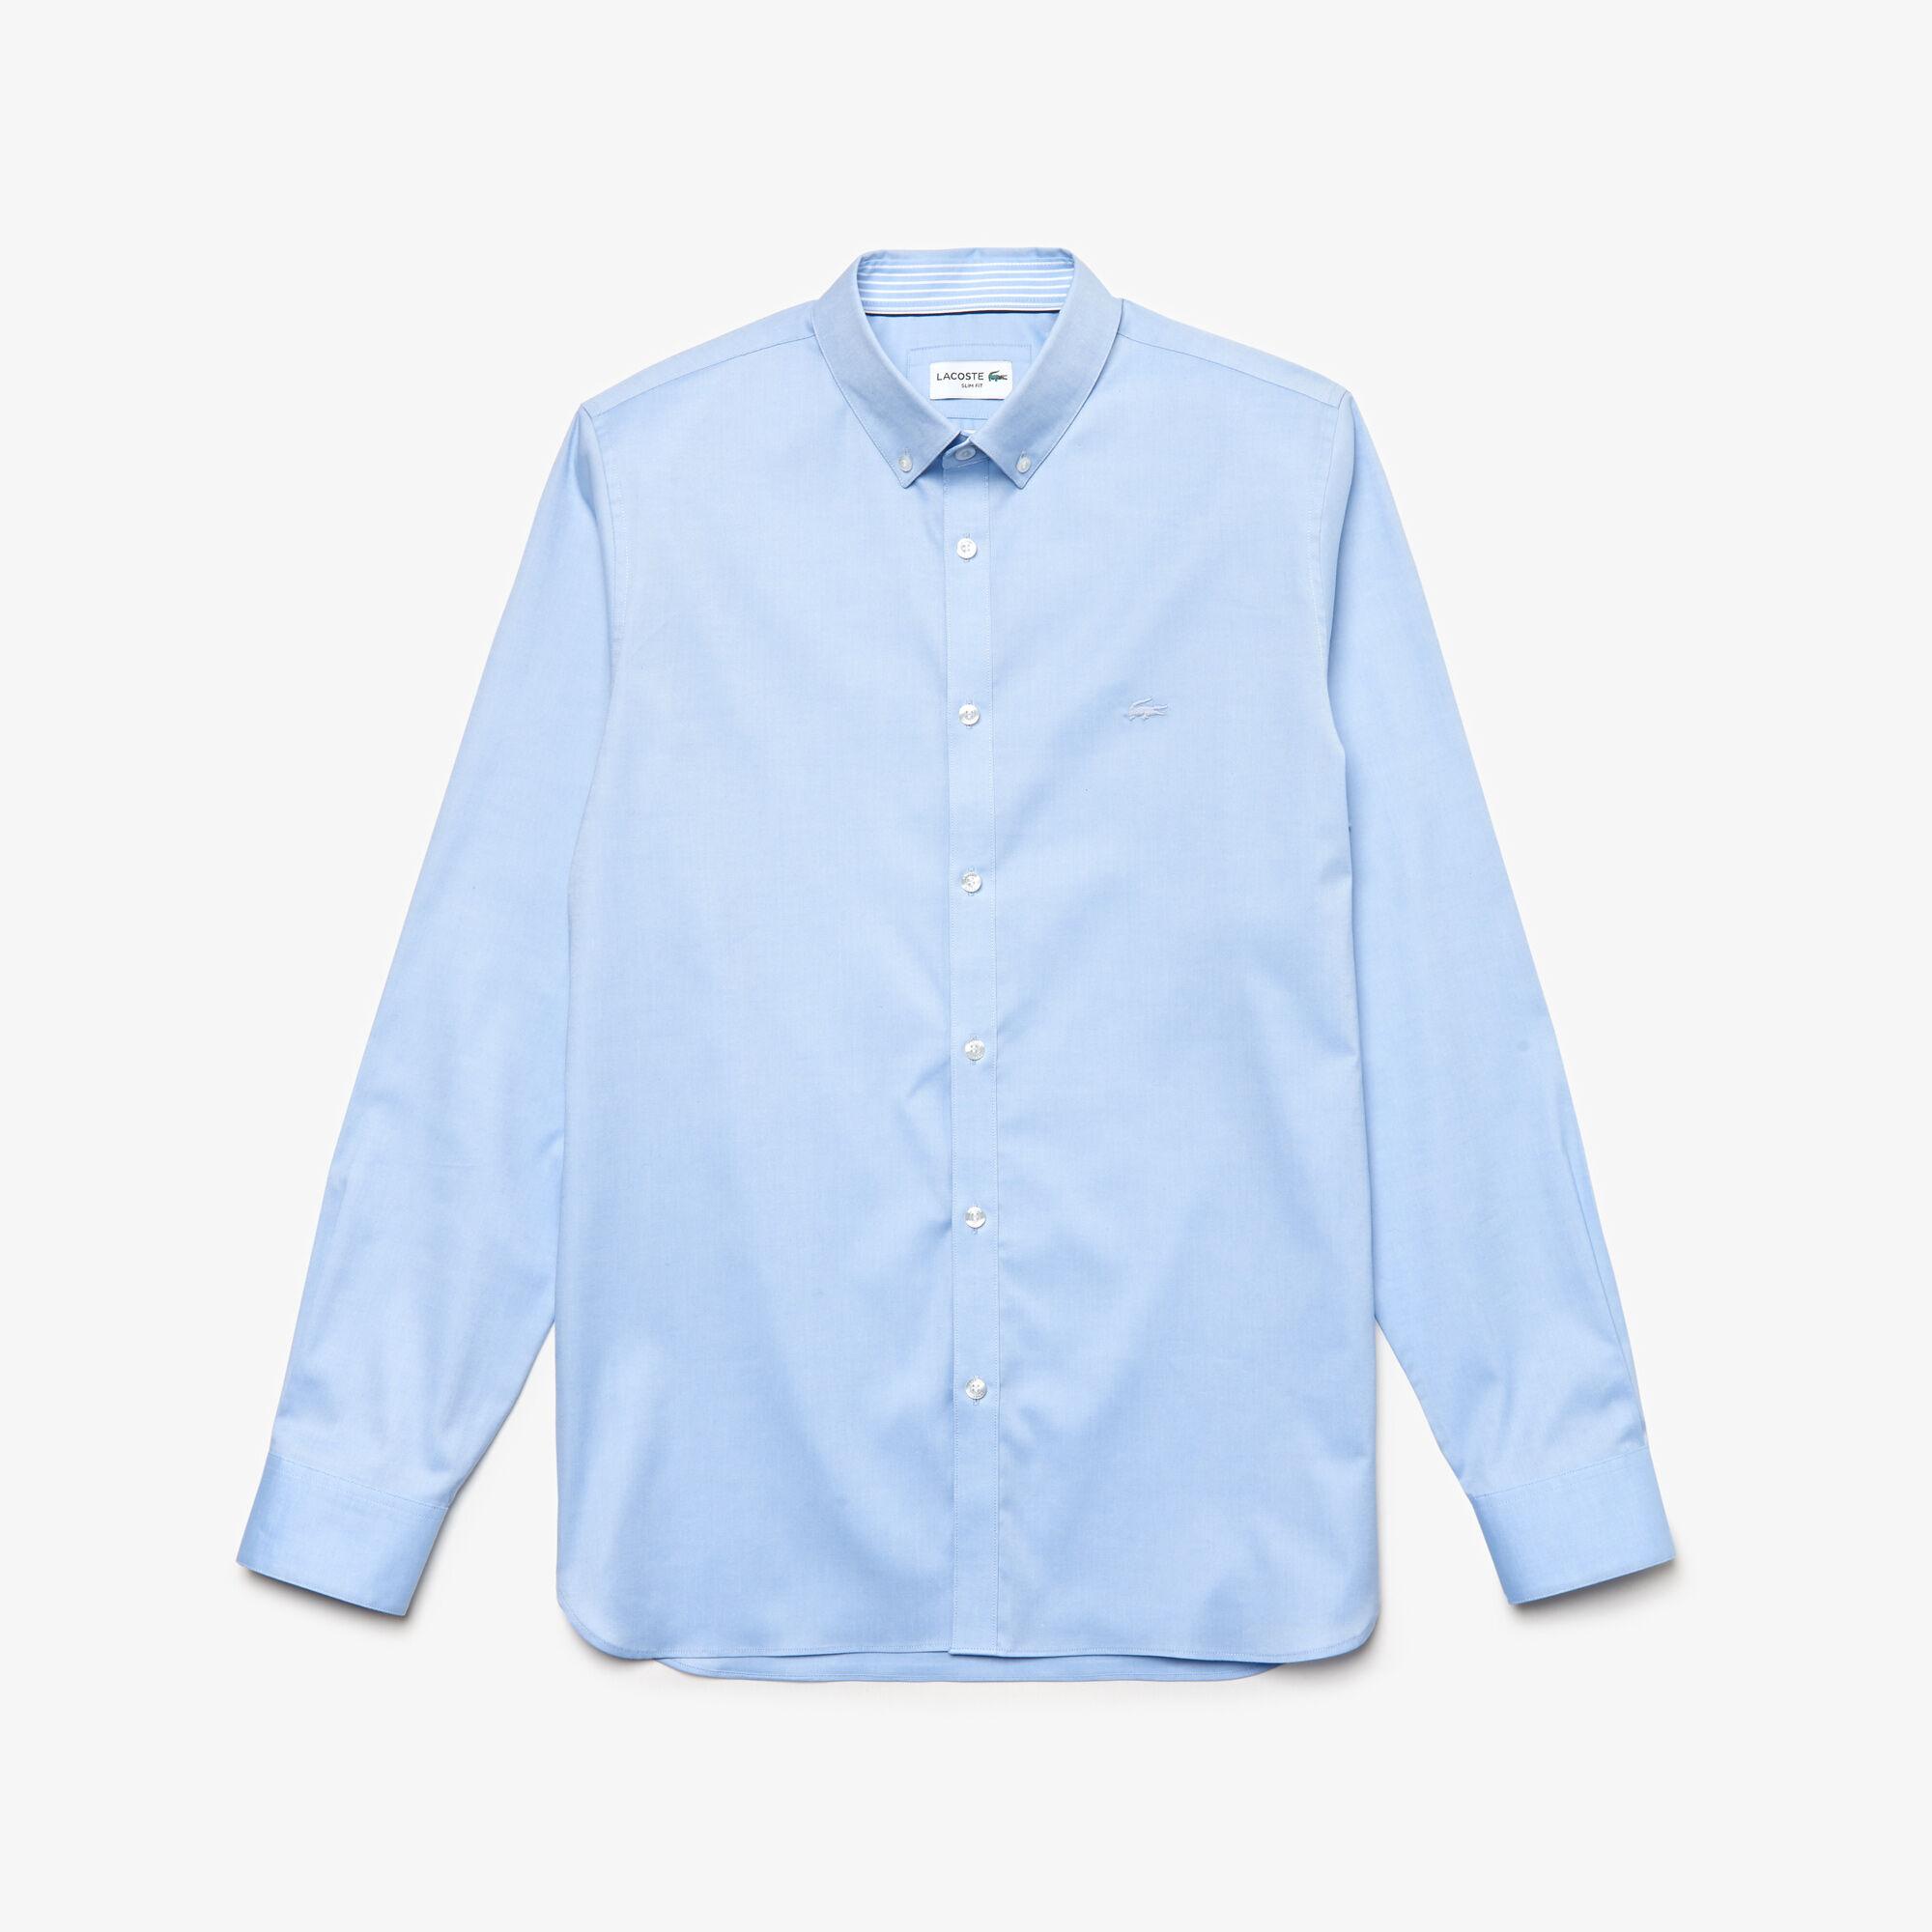 قميص للرجال ذو قصة ضيقة من القطن المرن